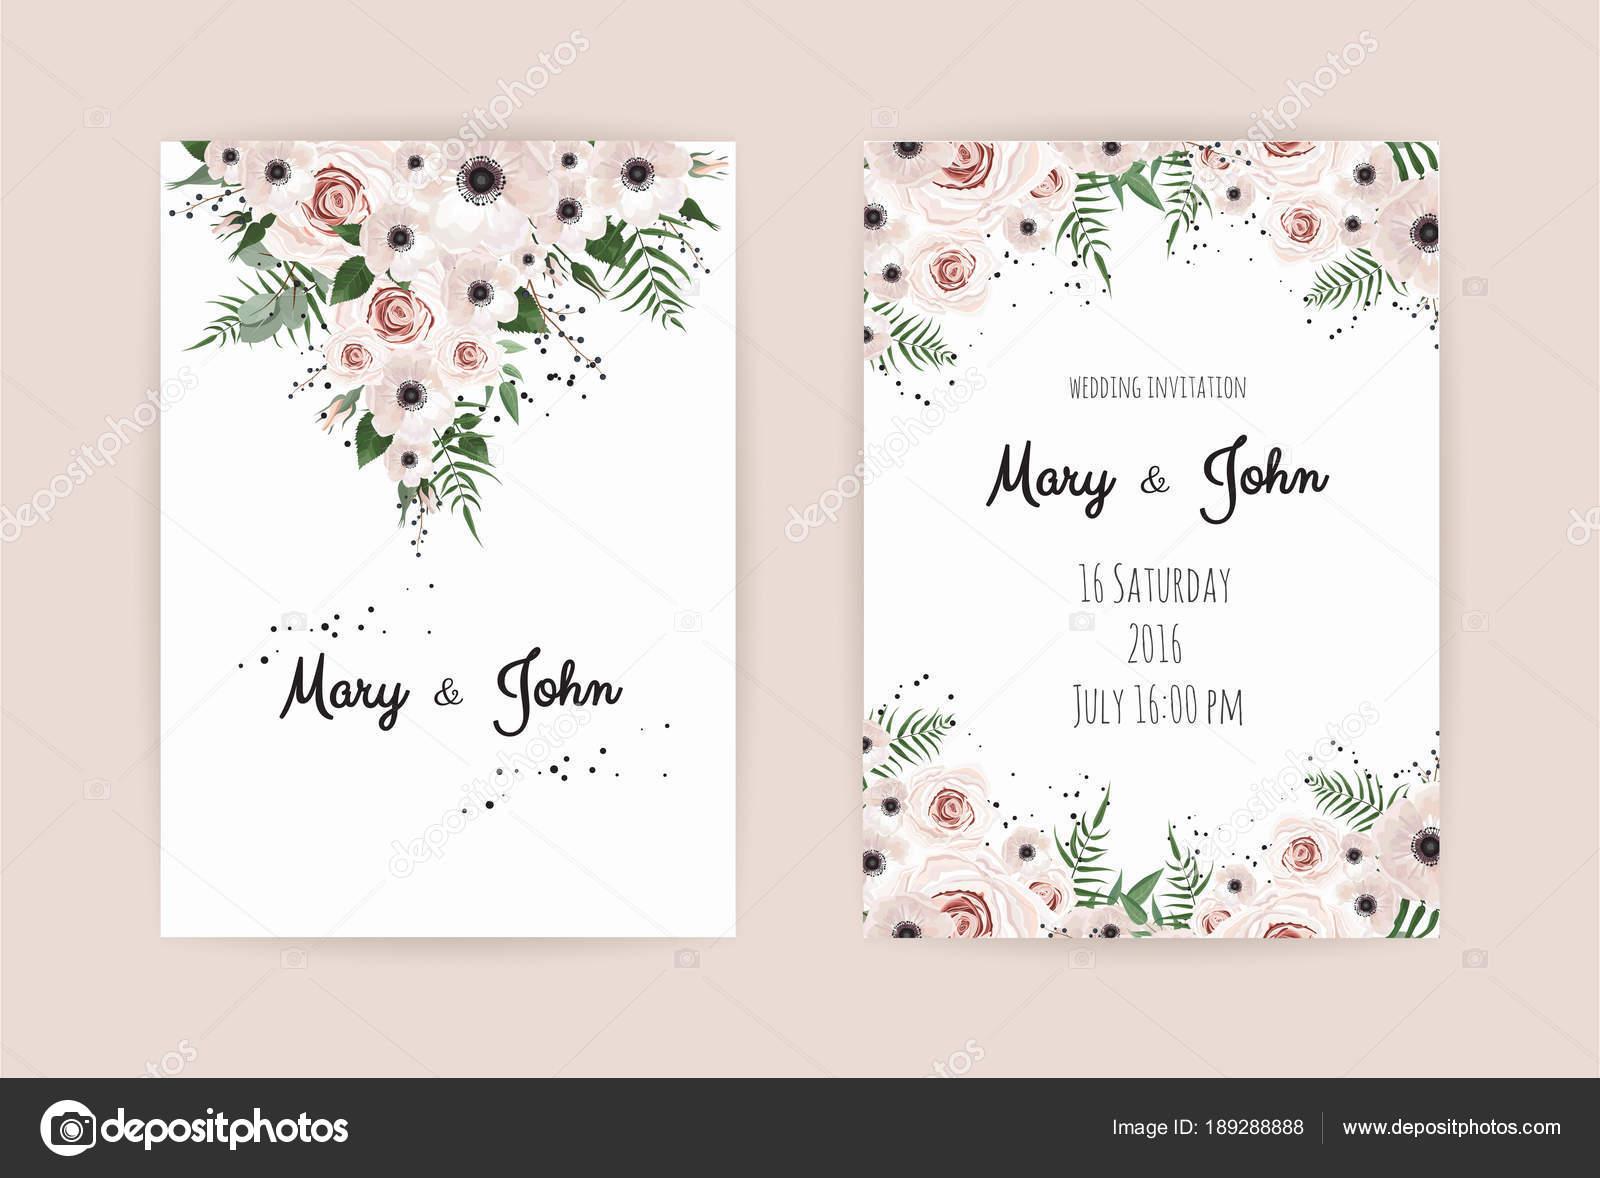 Hochzeit Einladungskarten Mit Floralen Elementen Auf Rosa